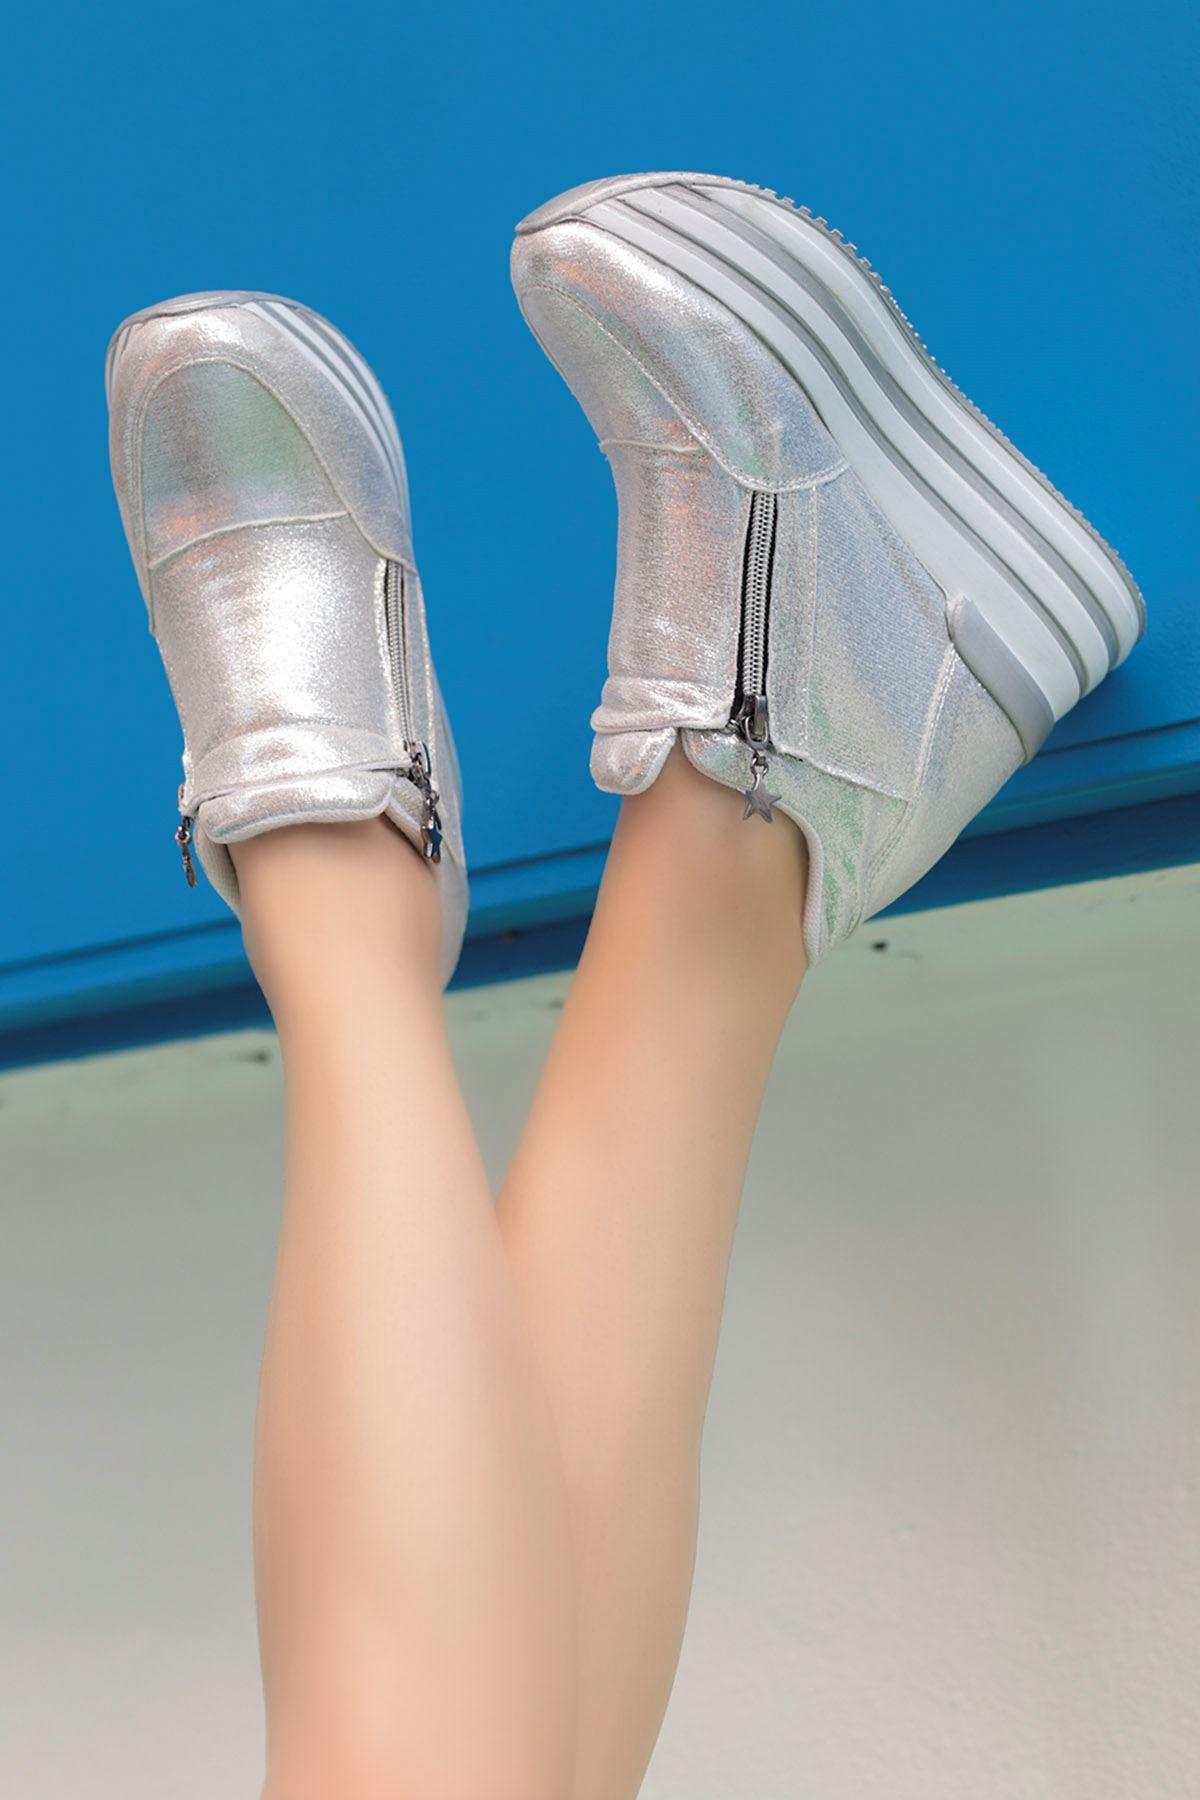 Durica Dolgu Topuk Fermuarlı Spor Ayakkabı Gümüş Gri